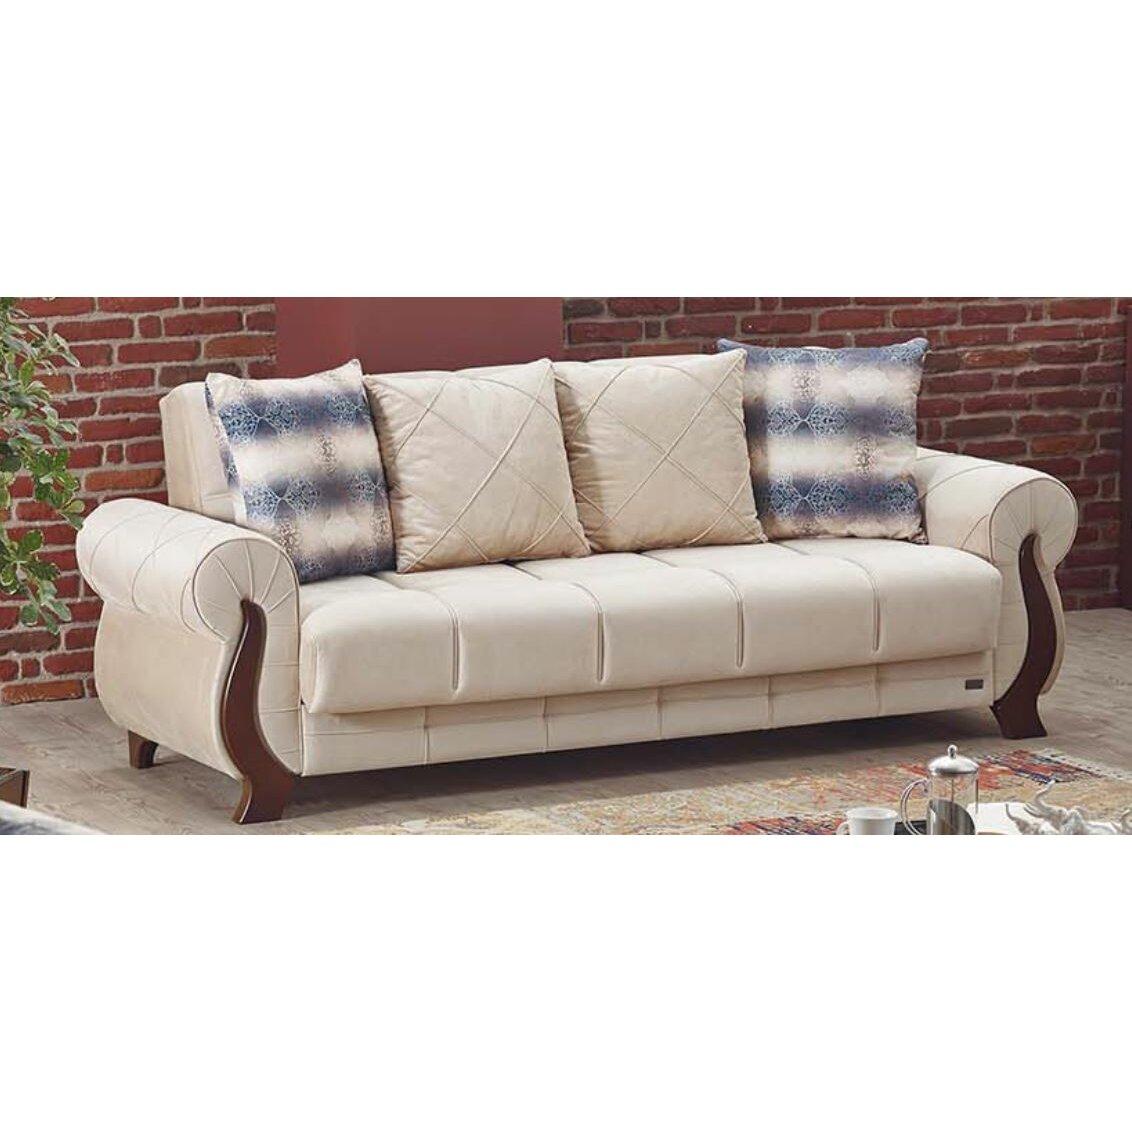 Cheap sofa ontario sofa menzilperdenet for Sectional sofa bed ontario